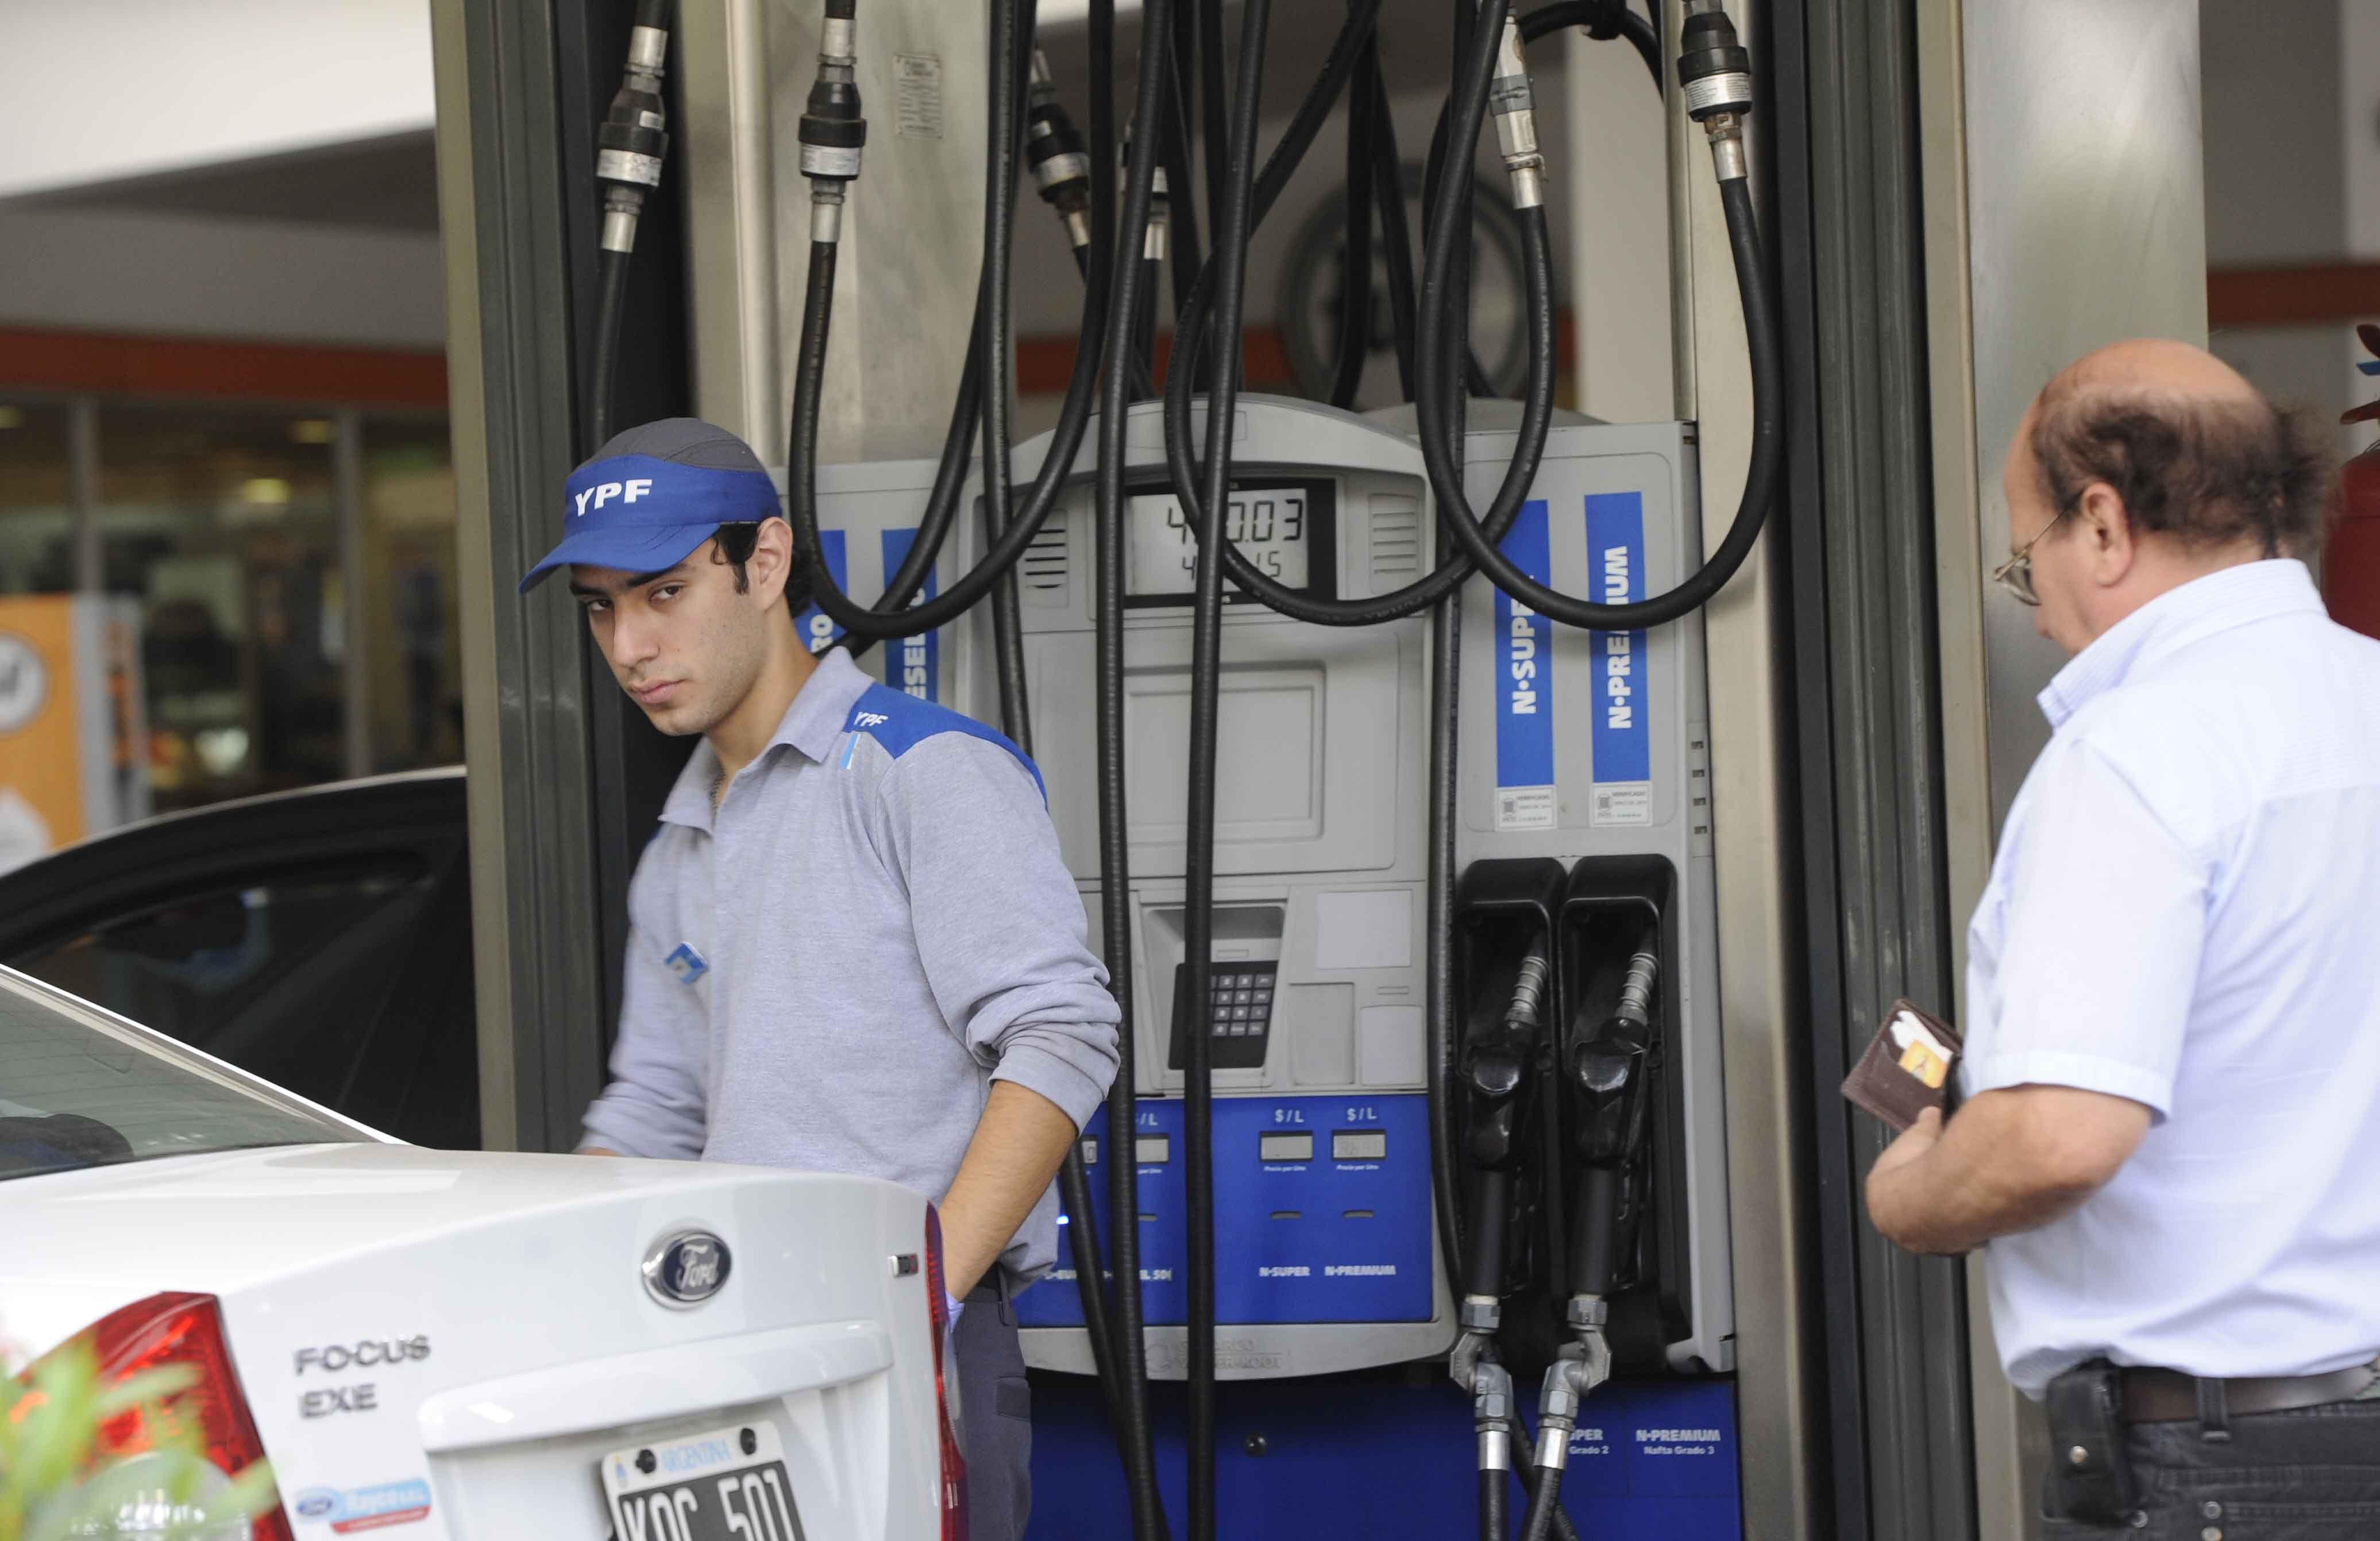 Diferencias. En Rosario cargar un litro de súper en YPF cuesta 16